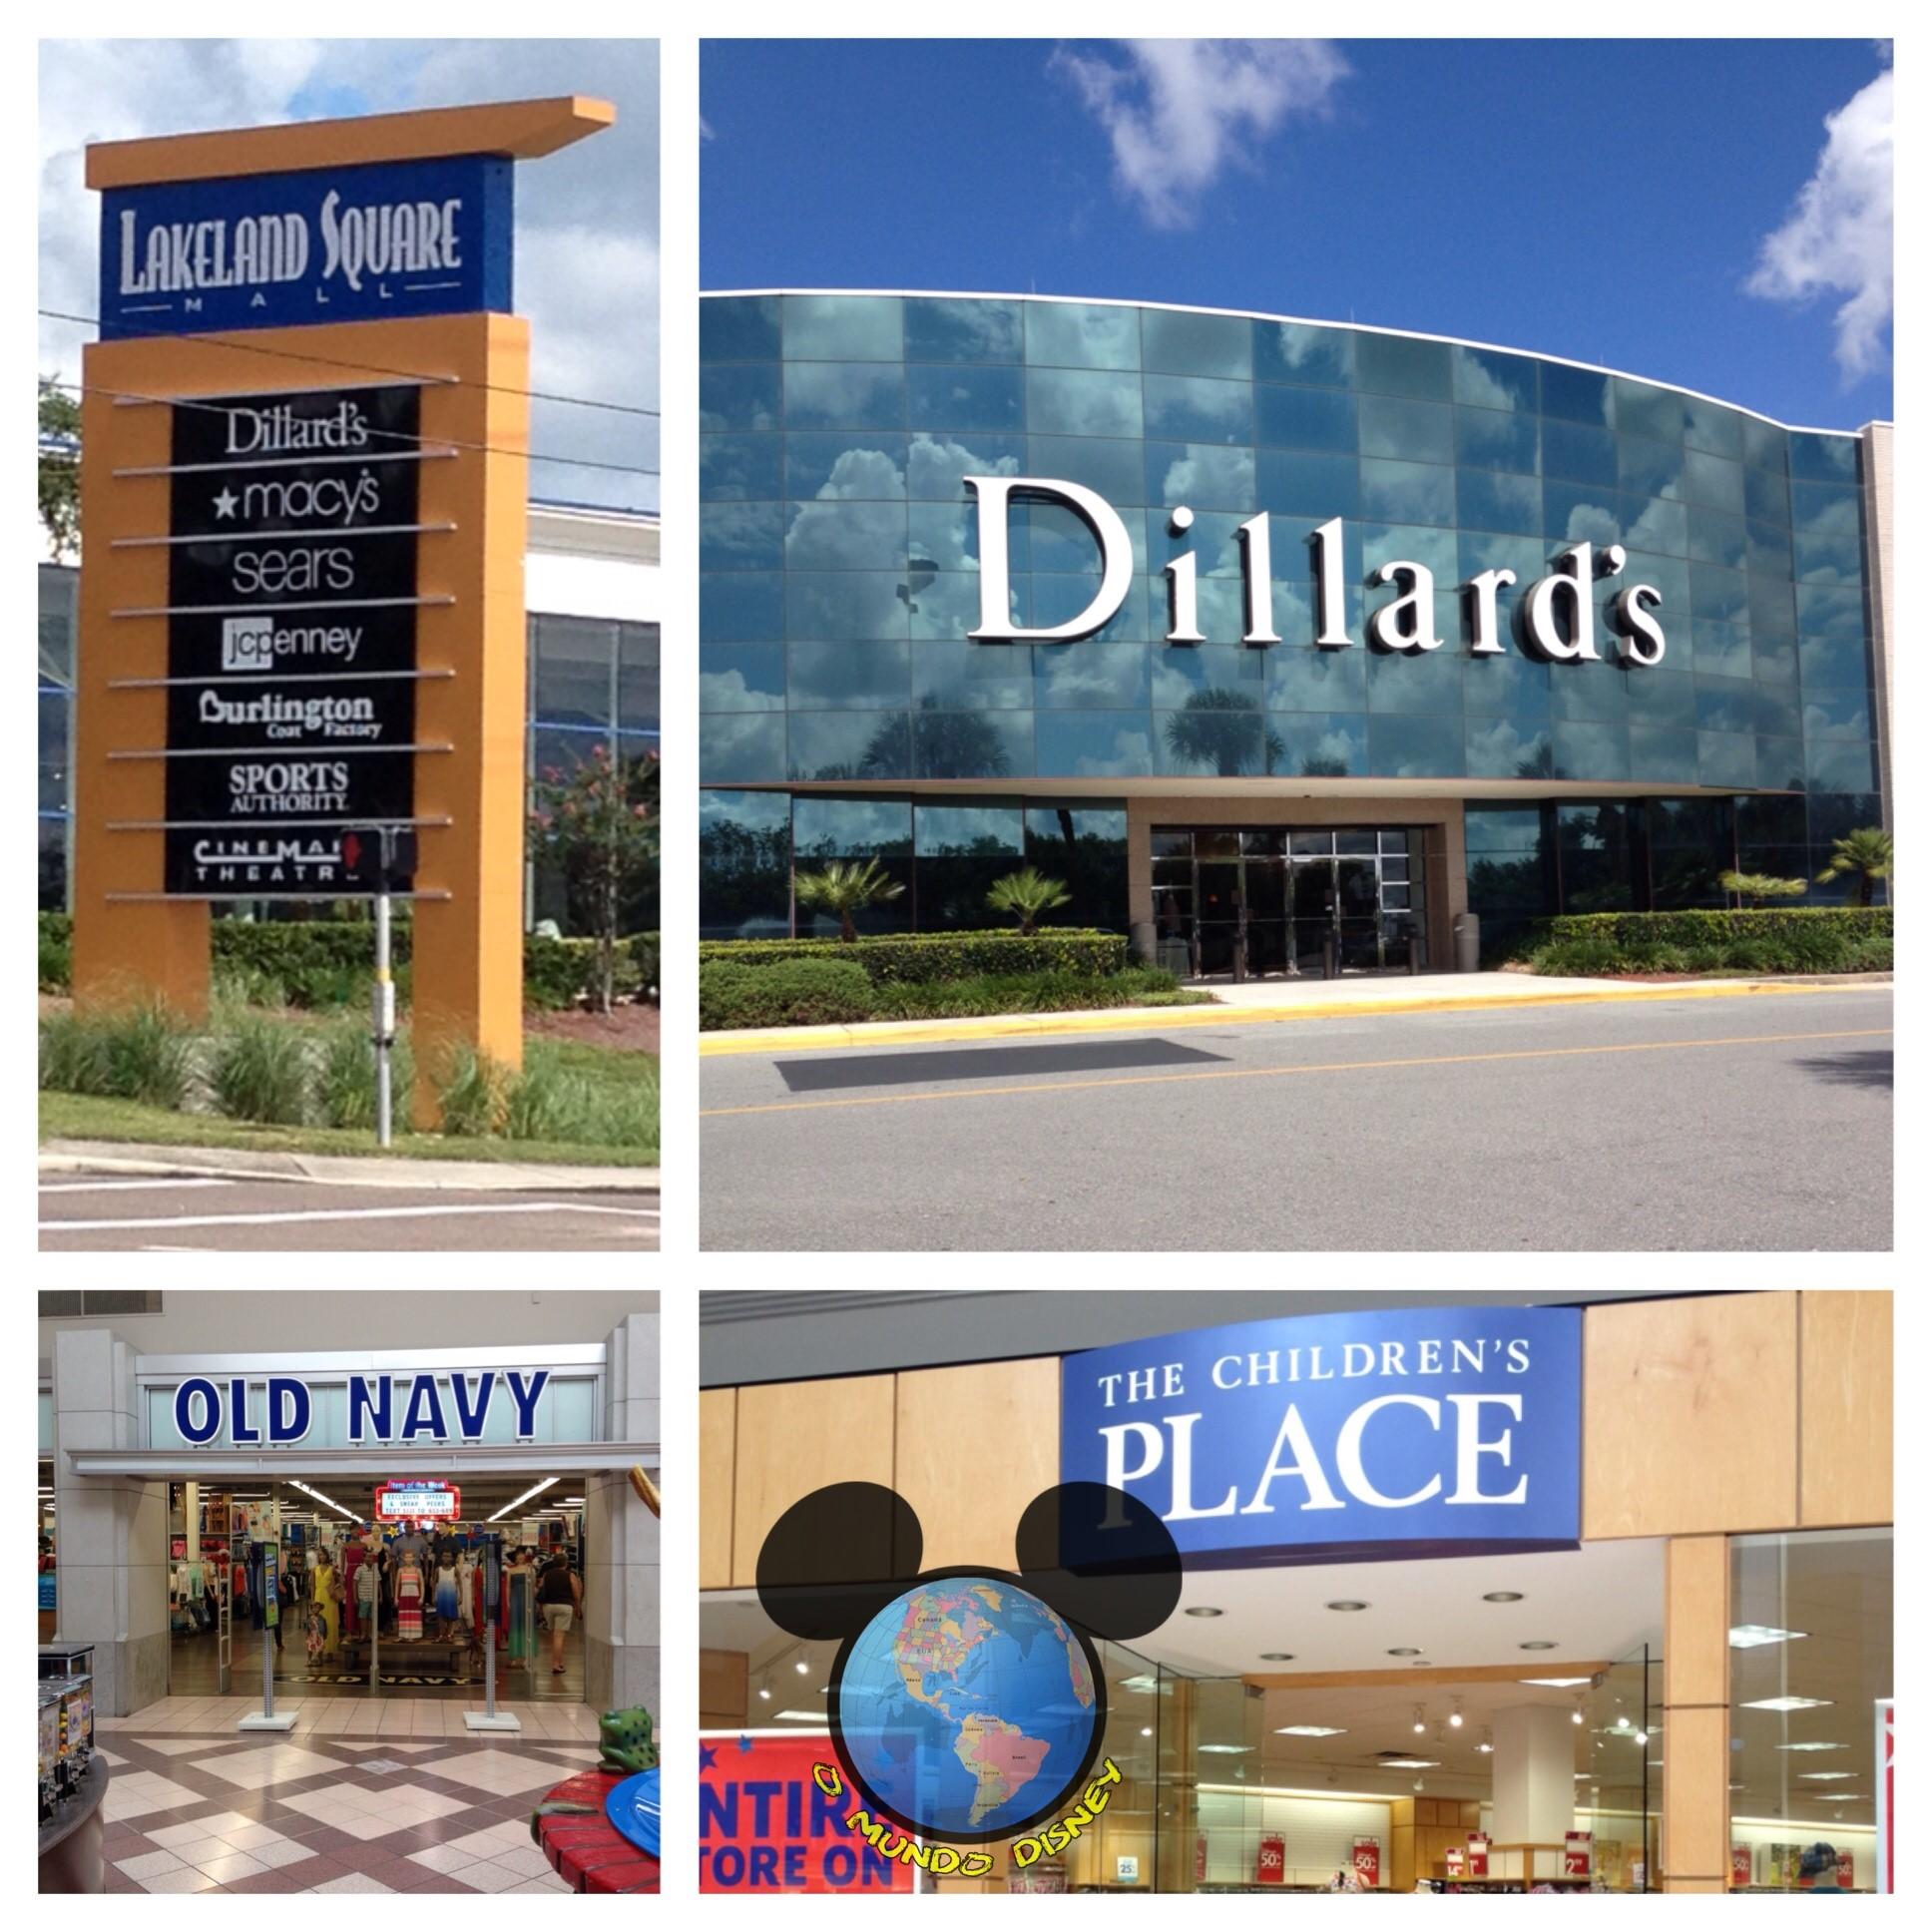 shoppings e outlets dicas da disney e parques em orlando o mundo disney. Black Bedroom Furniture Sets. Home Design Ideas